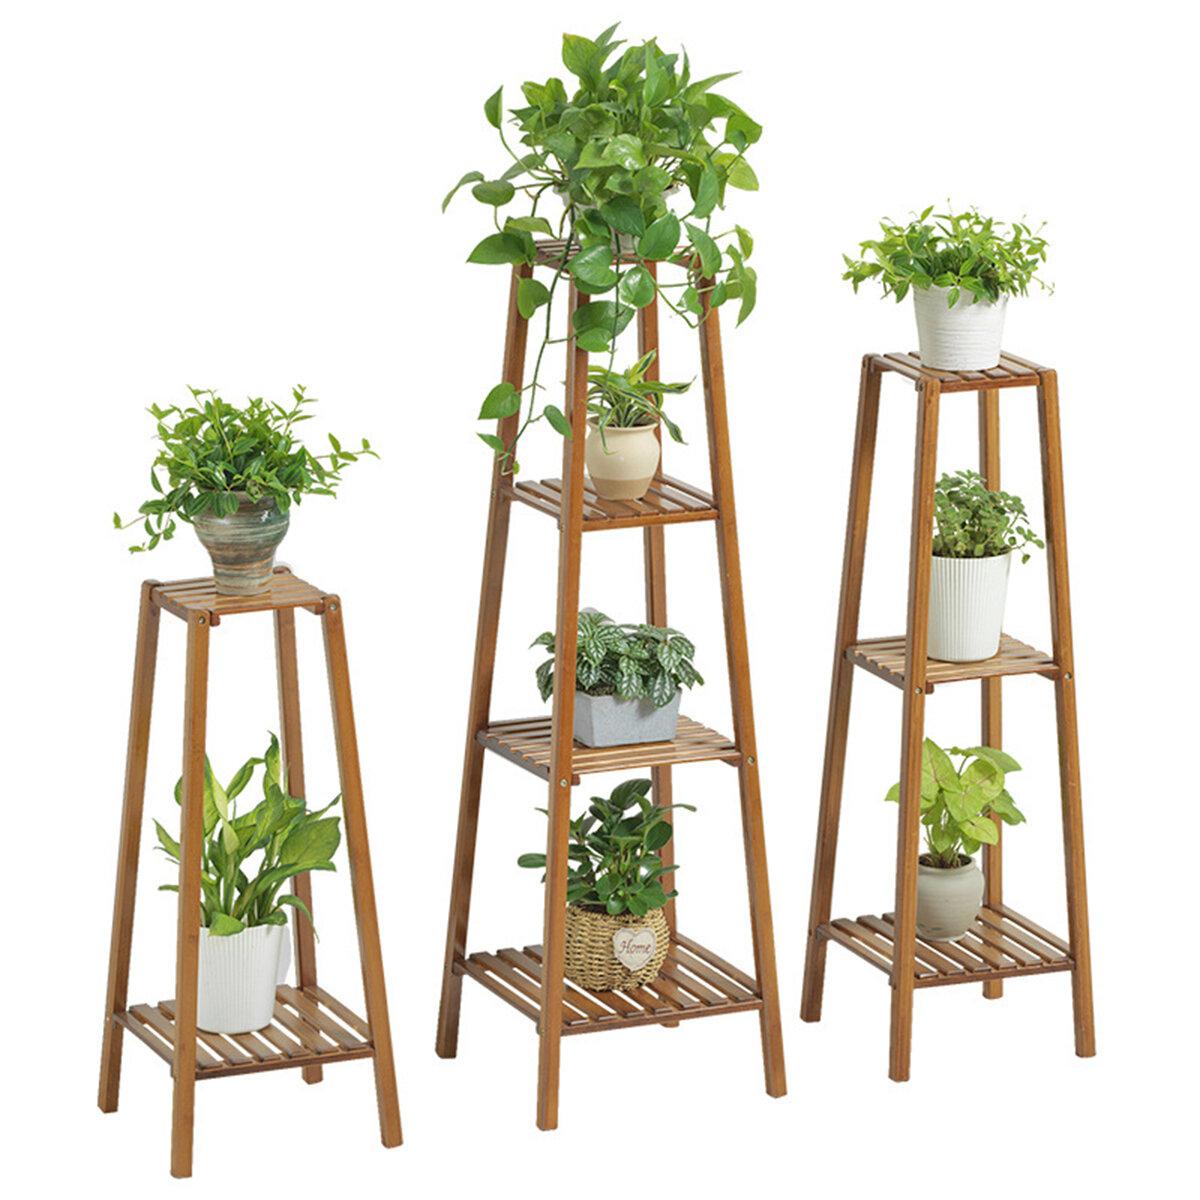 2 3 4 Tier Flower Pot Stand Wooden